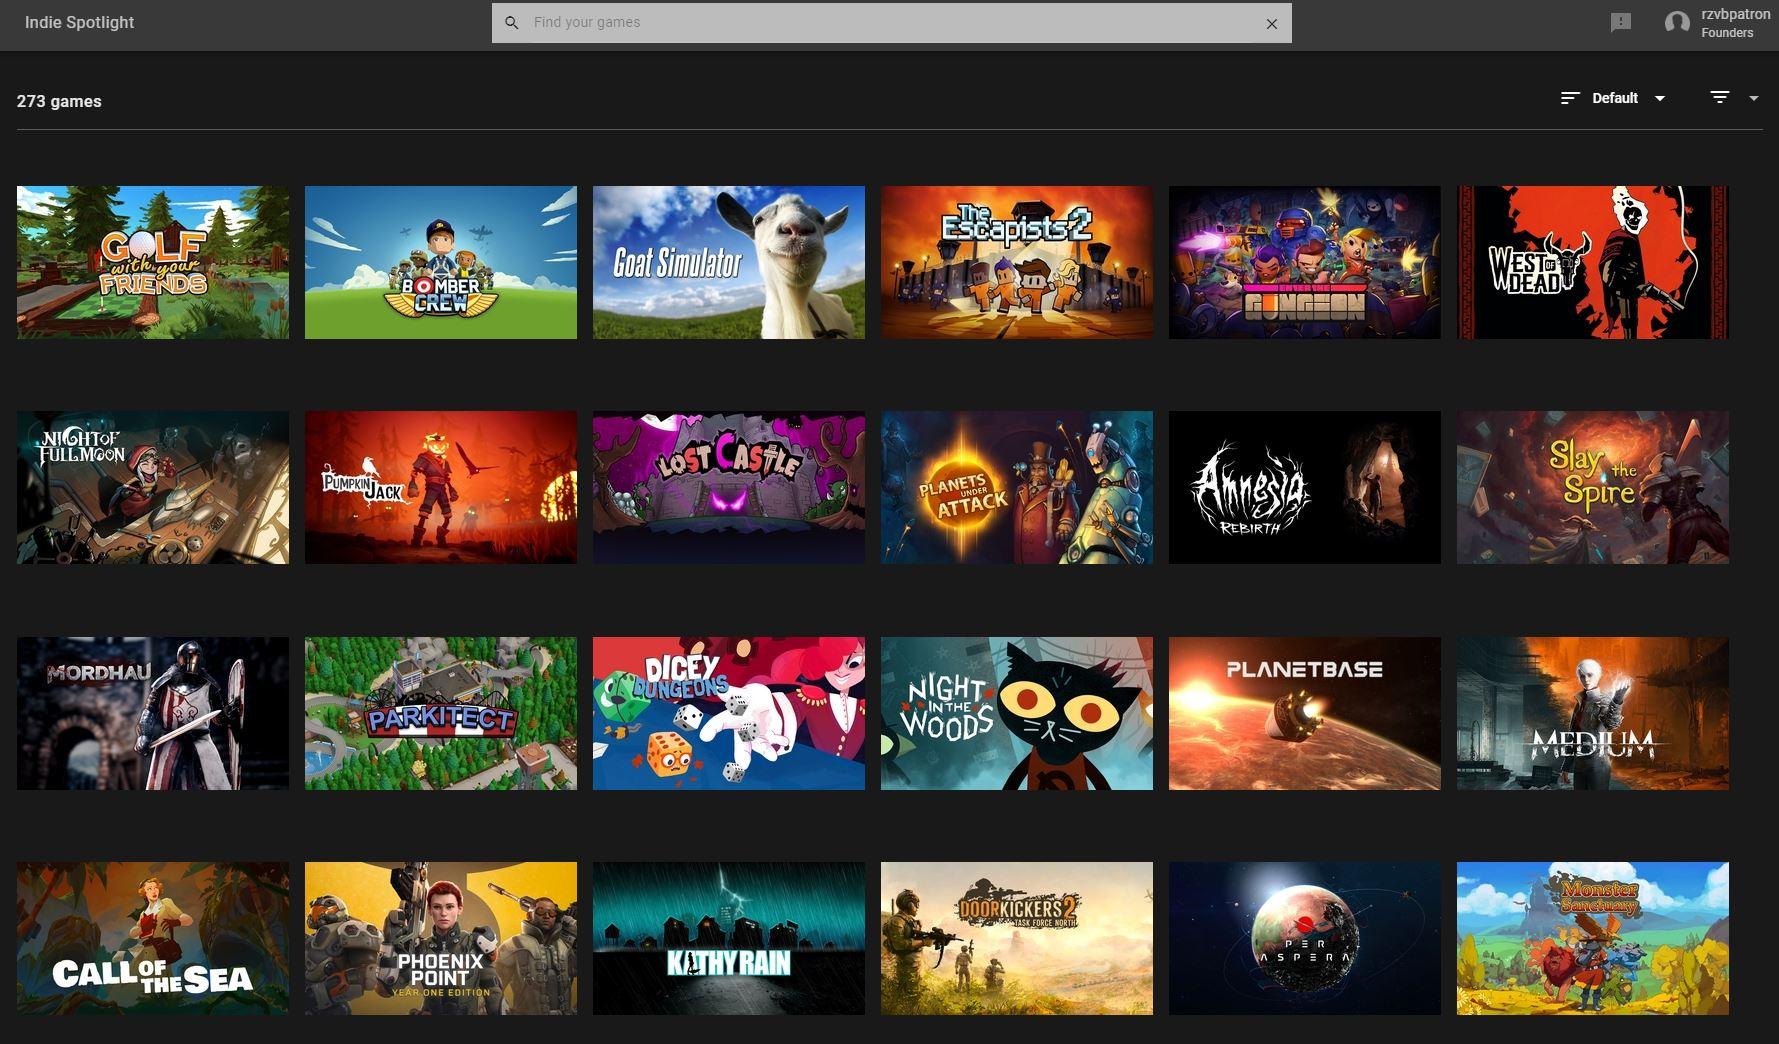 GeForce Now Indie games